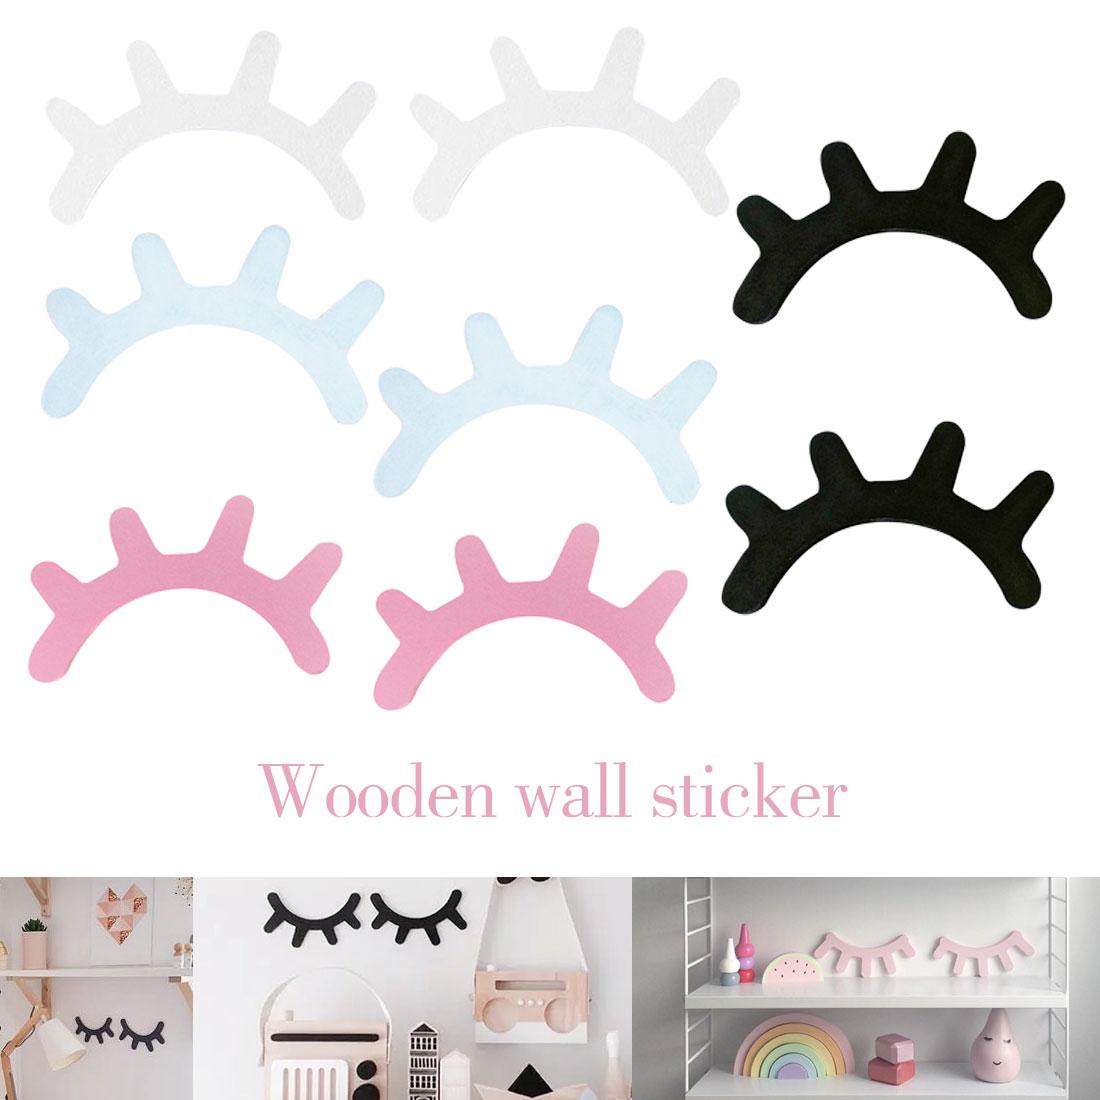 Style nordique mignon en bois 3D cils autocollant mural oeil fermé mur Decar décoration maison maison salon décoration